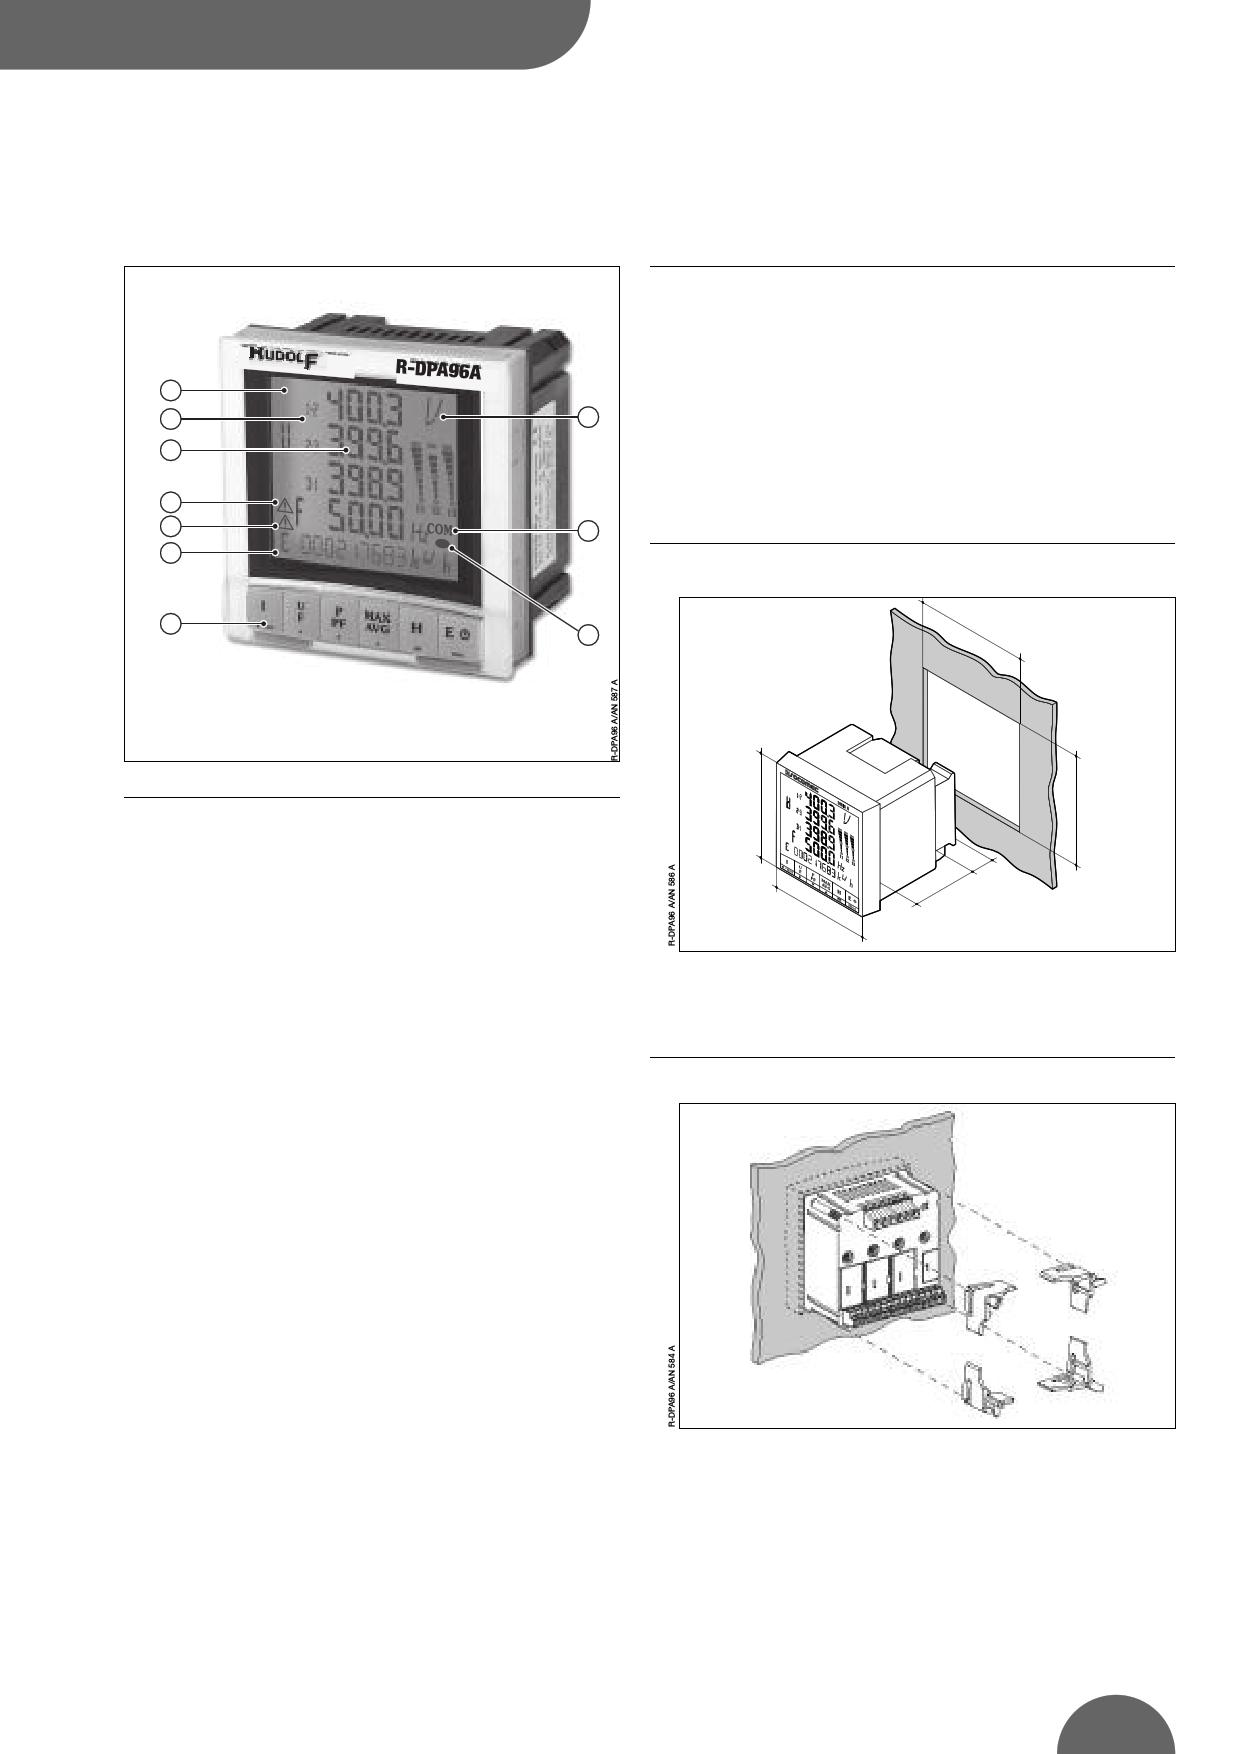 R-DPA96A pdf